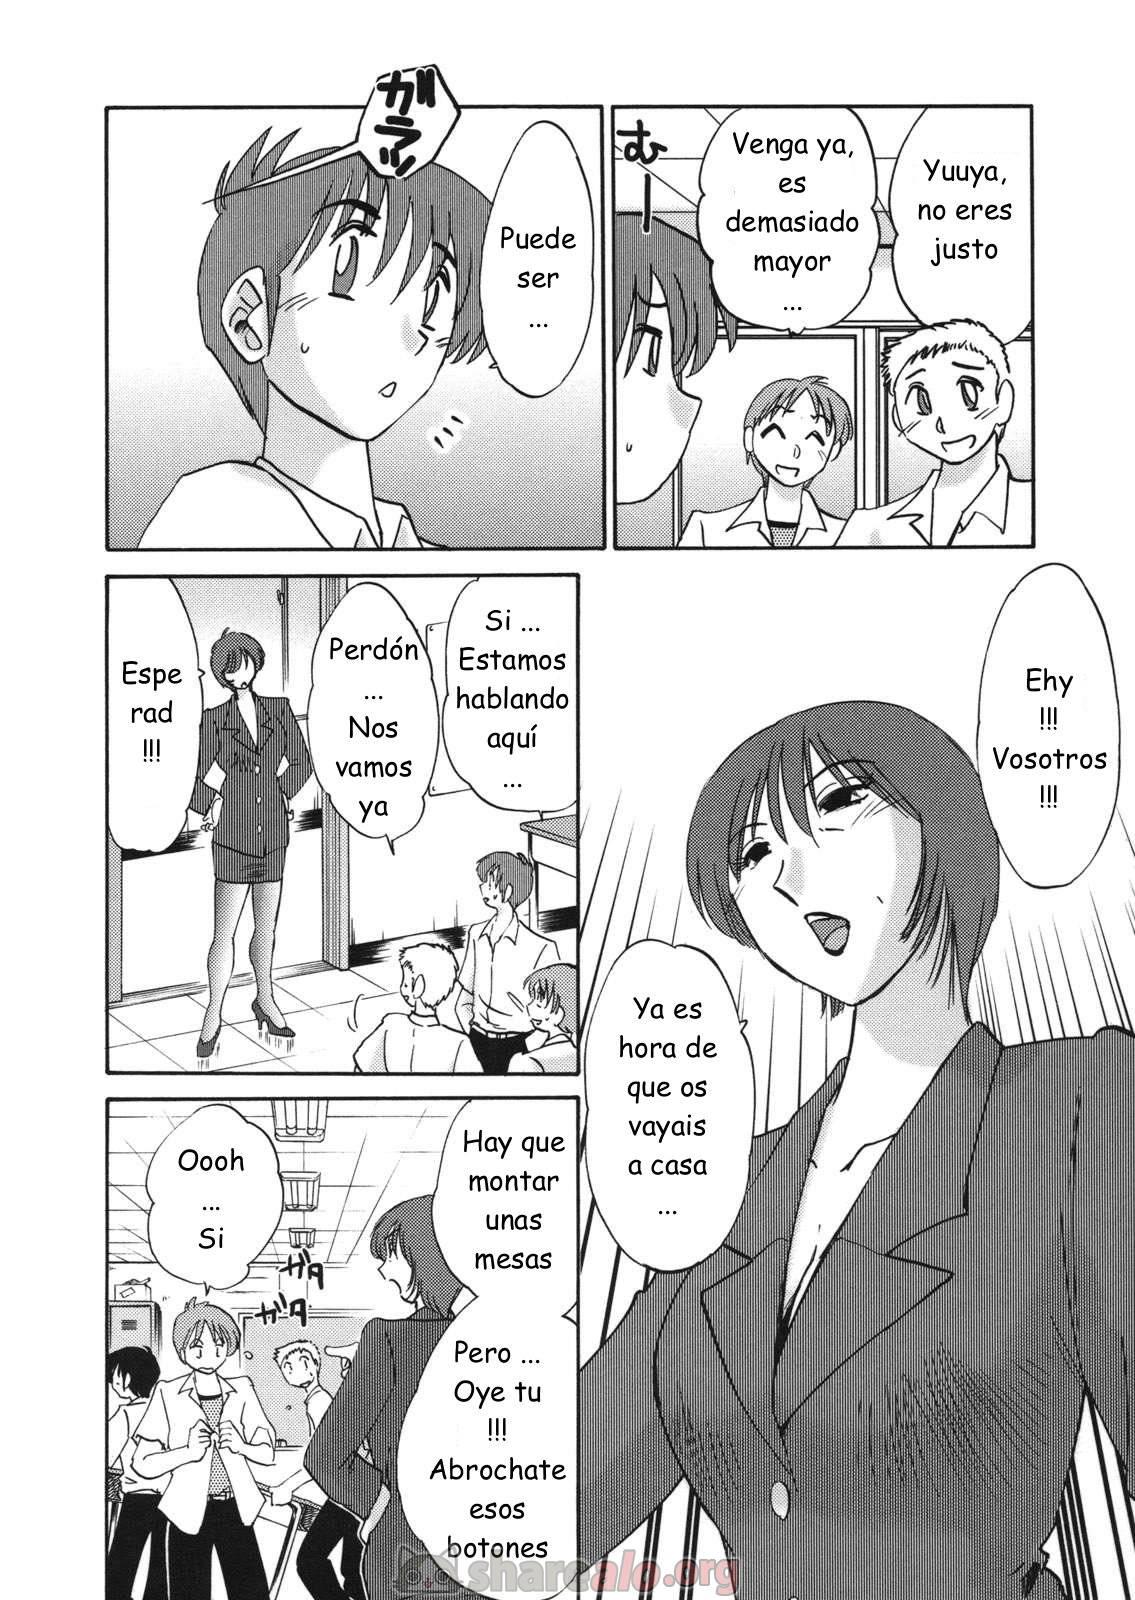 [ Boku no Aijin Manga Hentai de TsuyaTsuya ]: Comics Porno Manga Hentai [ M6EWhPL2 ]